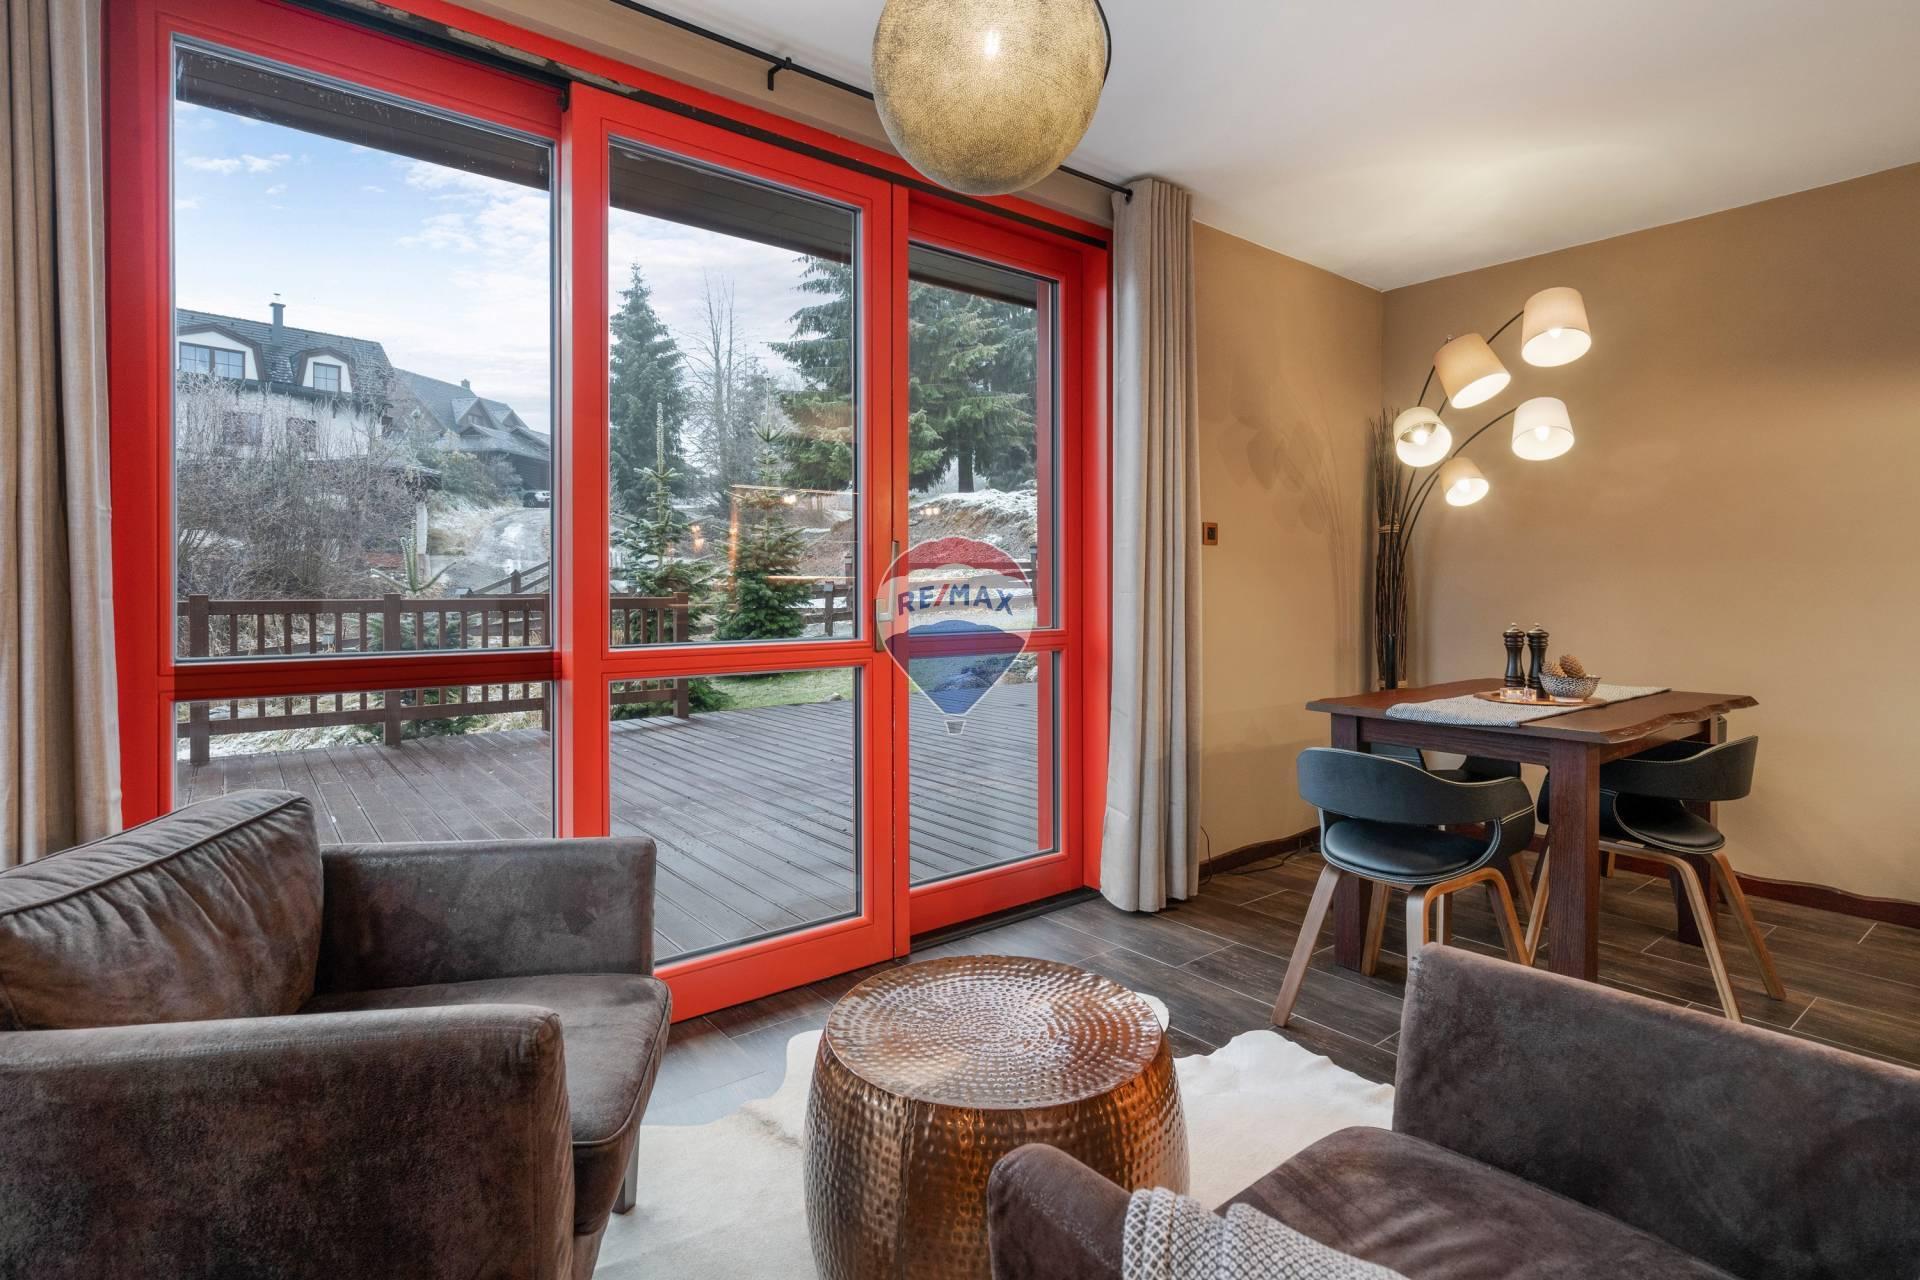 Predaj chaty 108 m2, Králiky - prízemie